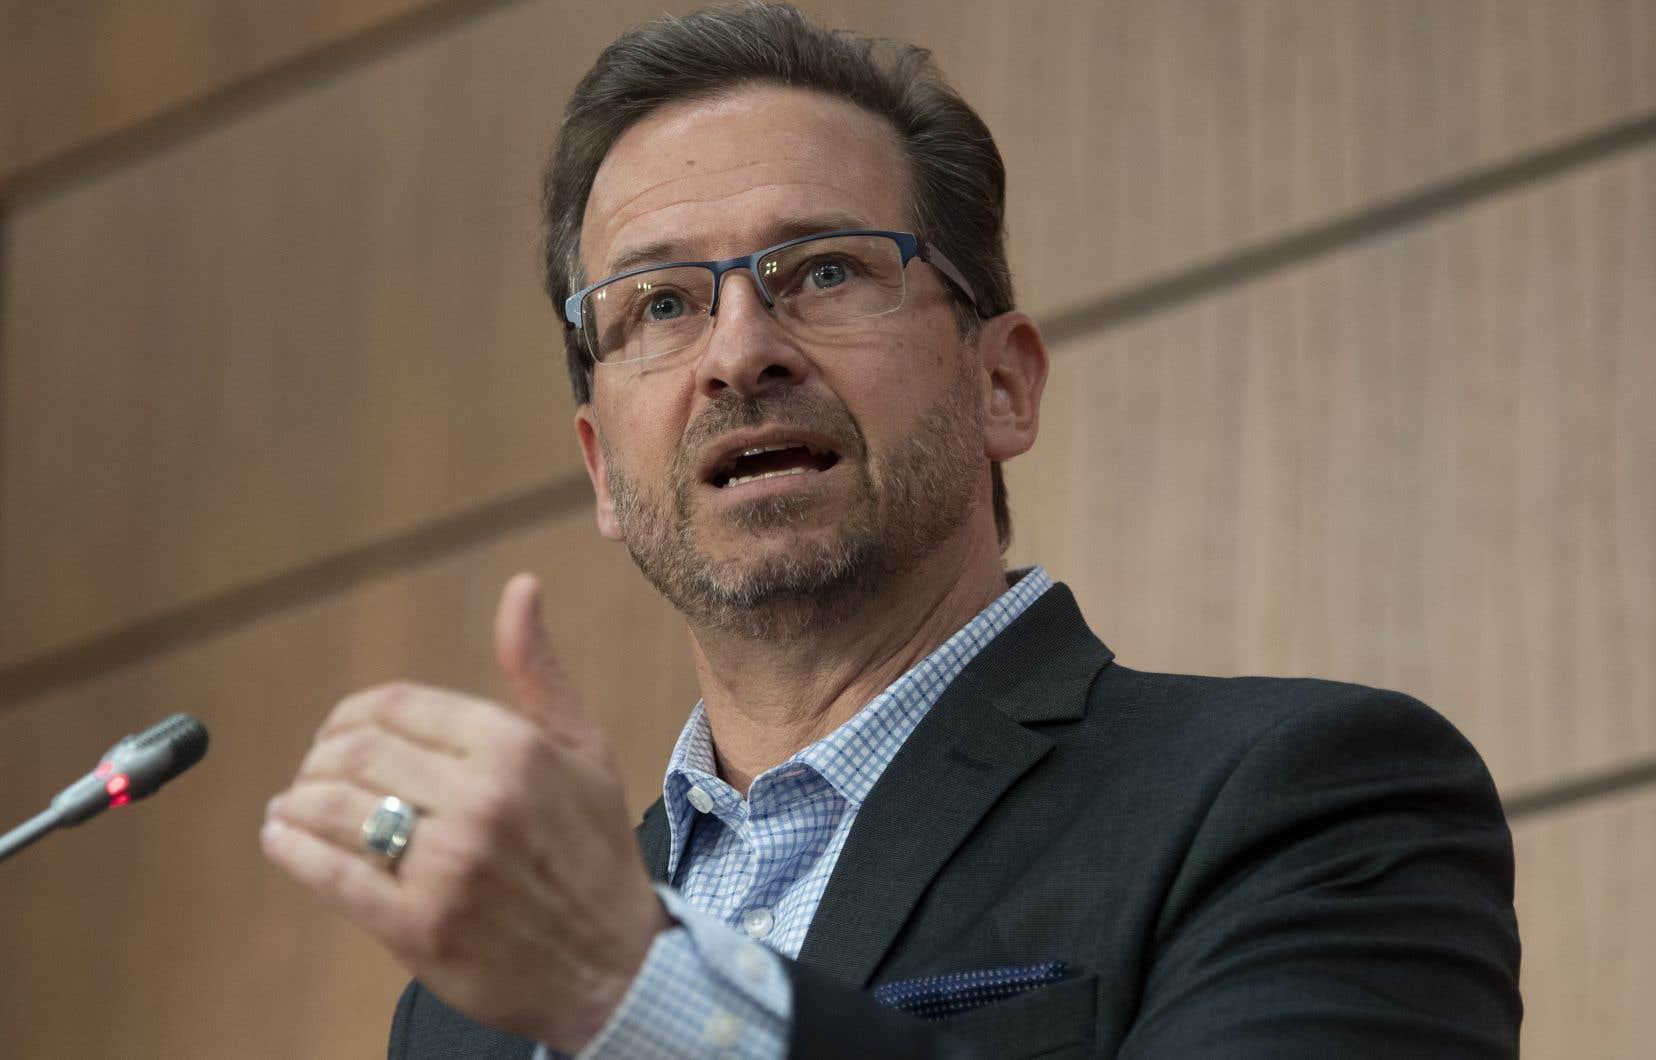 Le chef du Bloc québécois, Yves-François, a dit faire cette sortie publique en tant qu'allié des Autochtones.